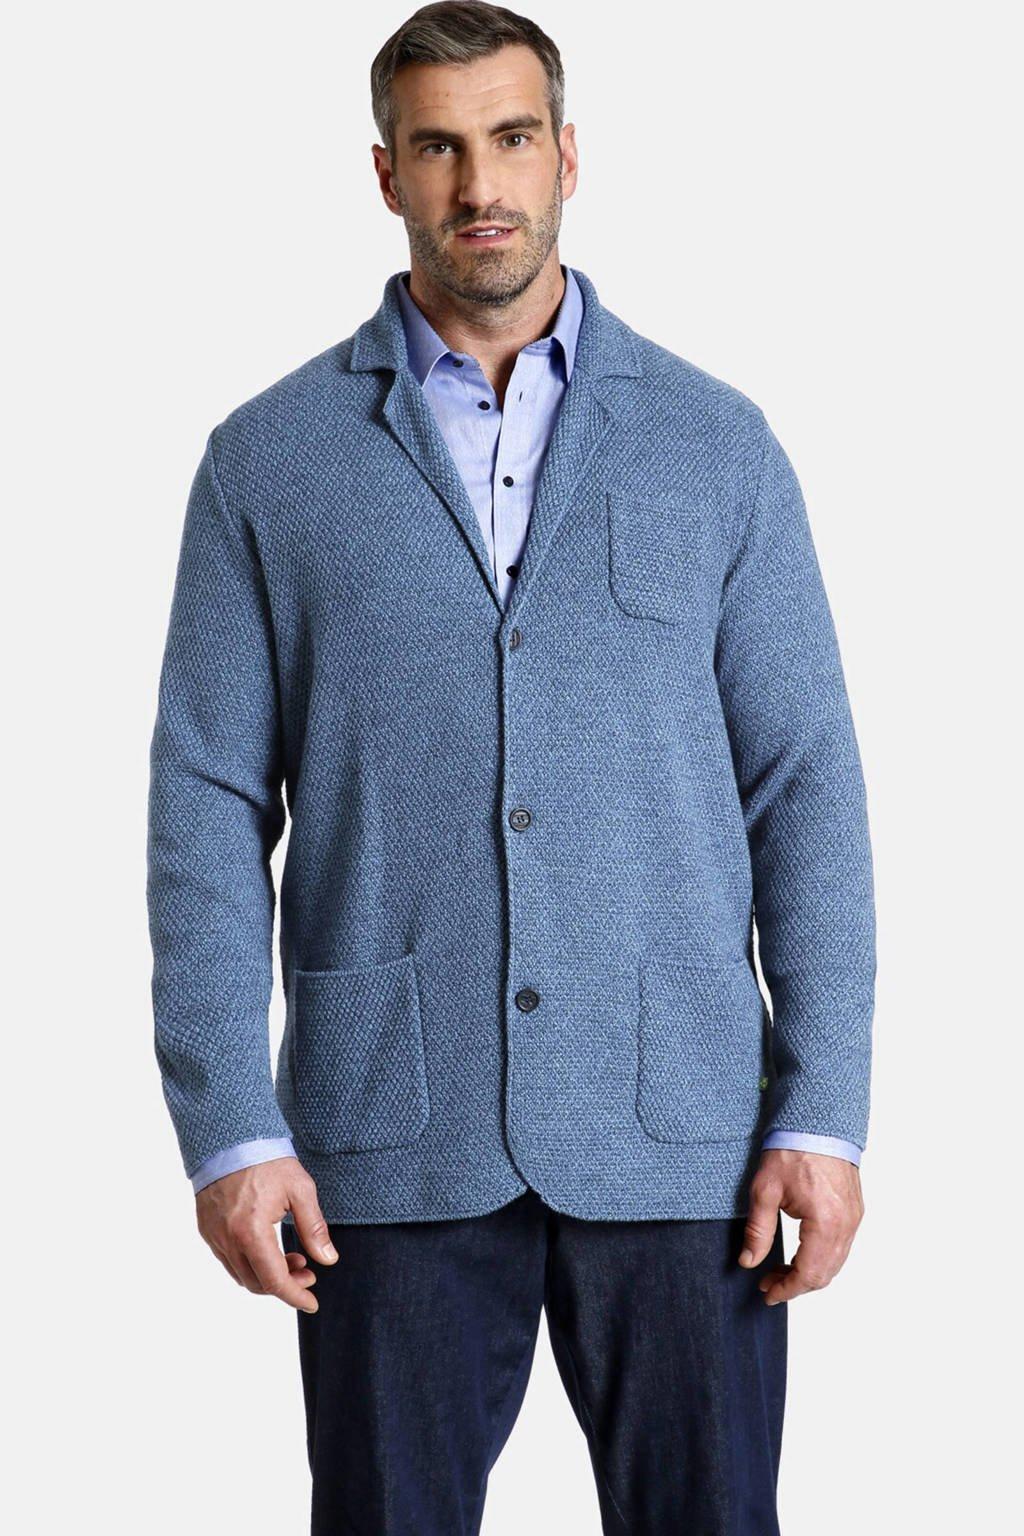 Charles Colby gebreid oversized colbert Earl JAMES Plus Size met wol blauw, Blauw